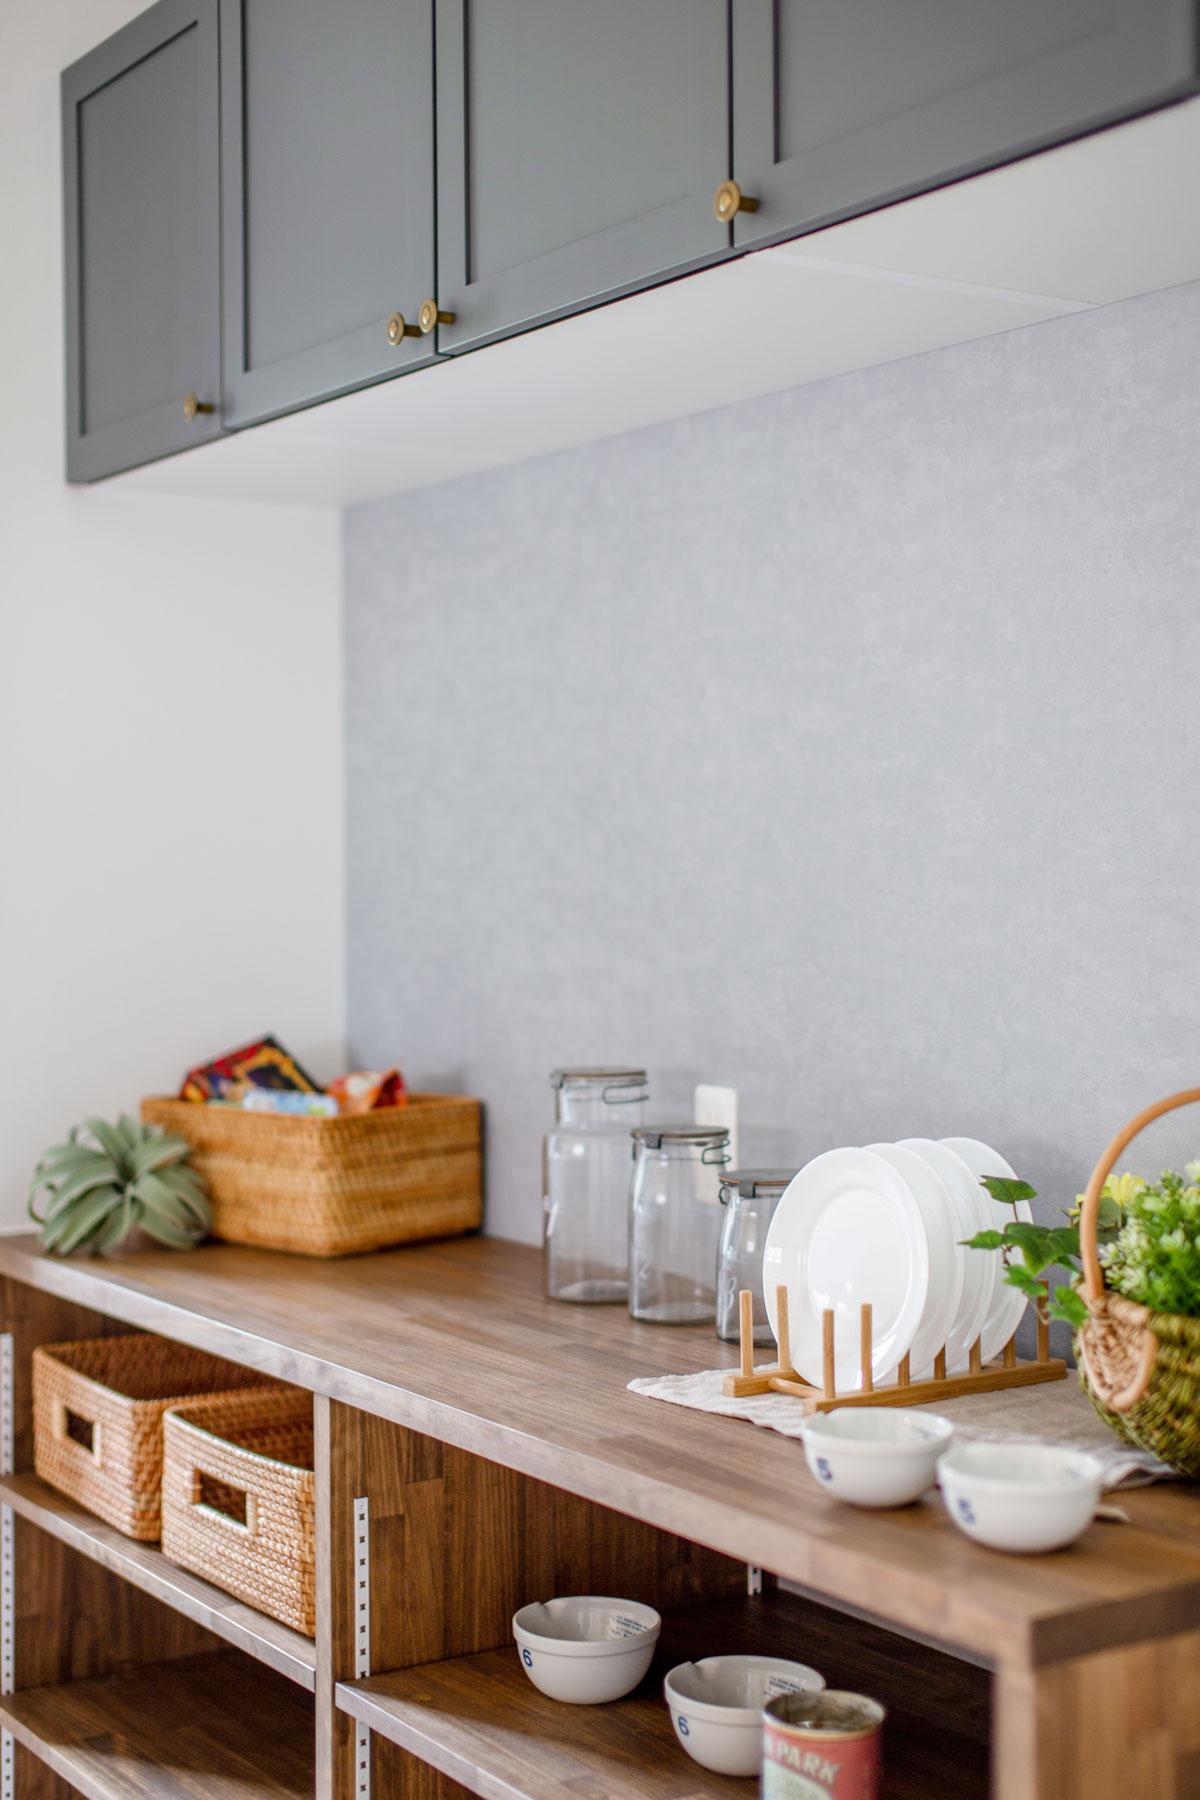 収納力とデザインに優れたキッチン背面収納